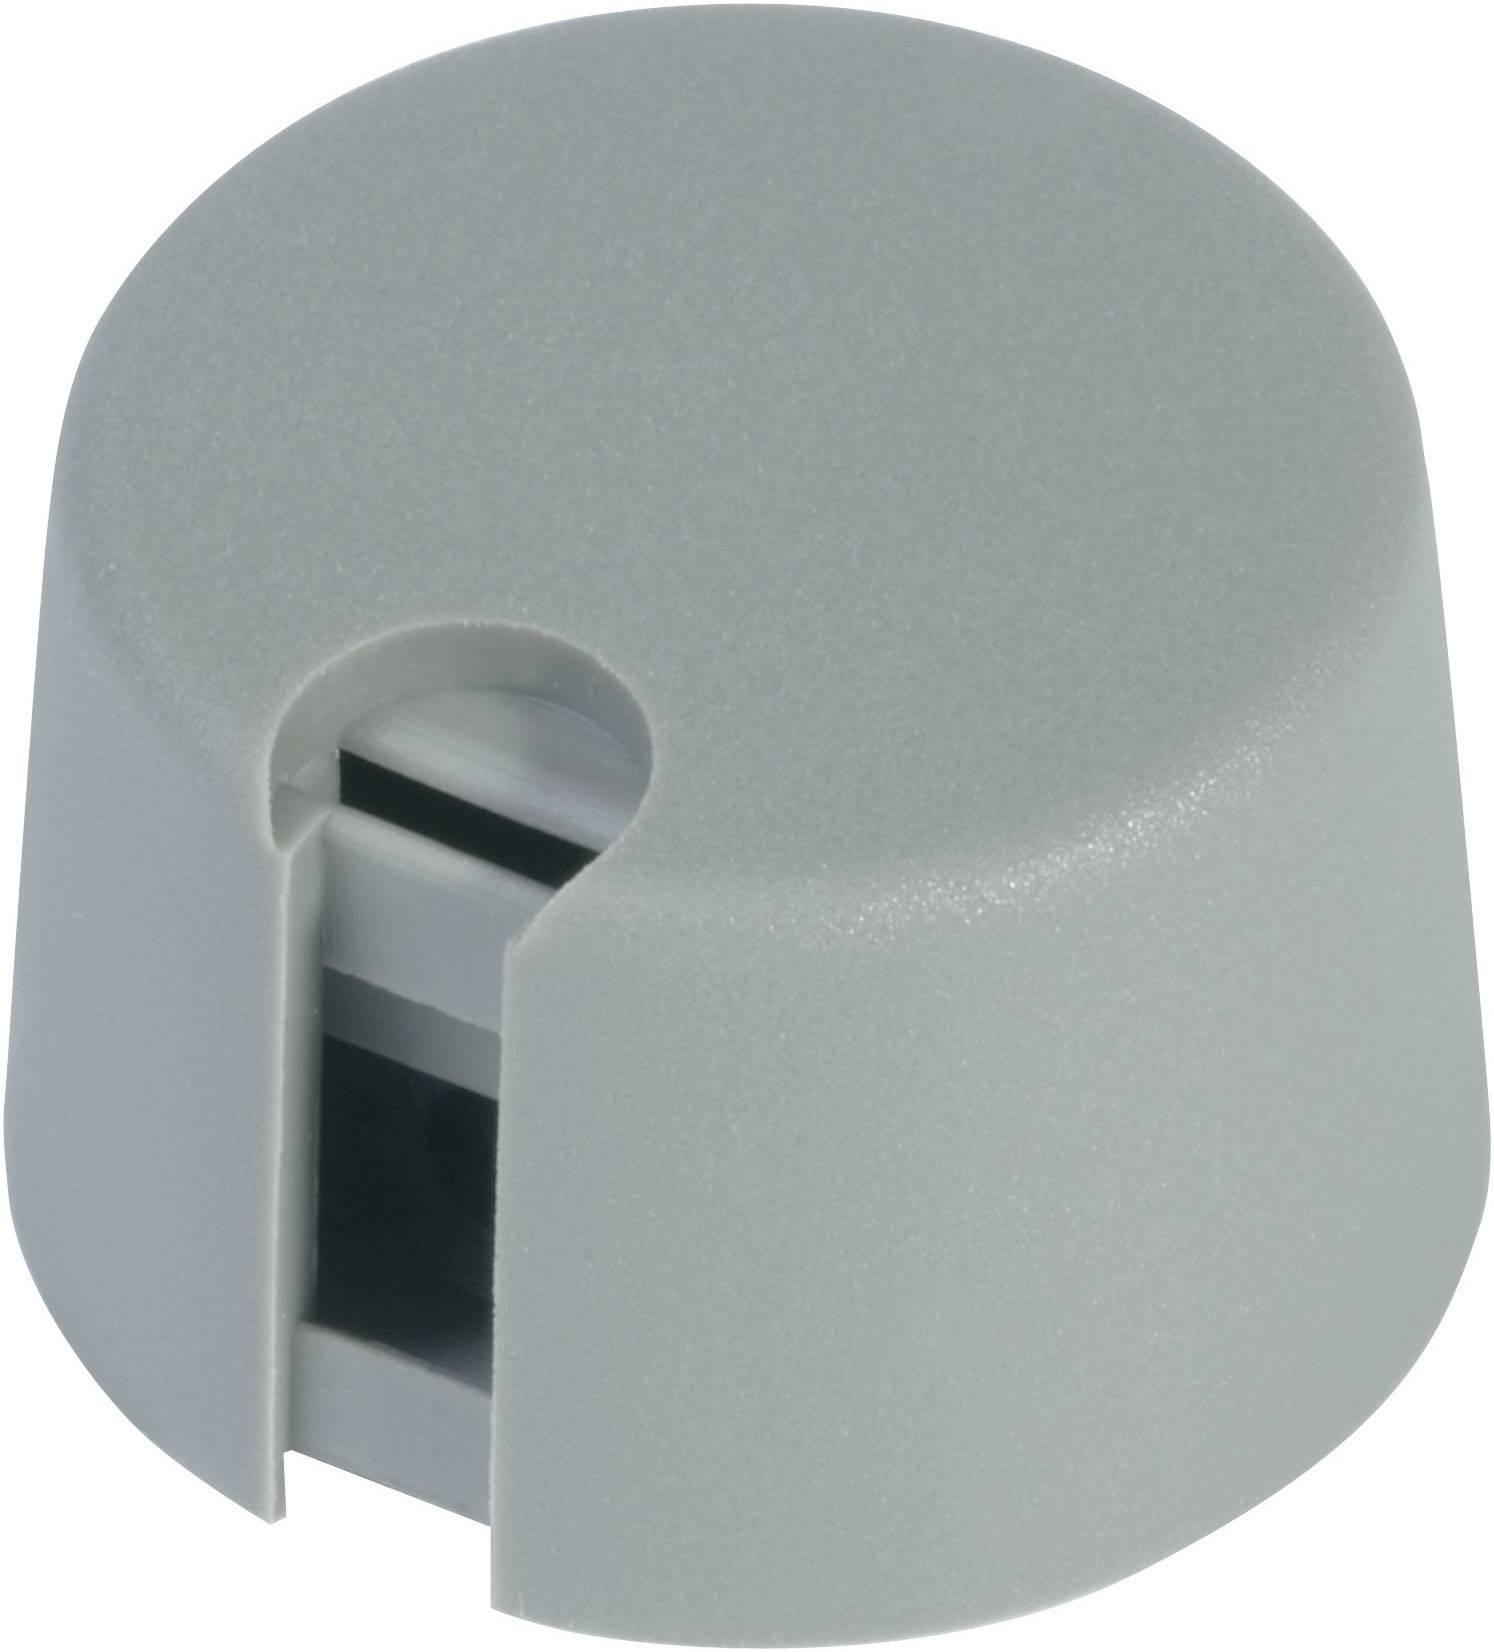 Ovládací knoflík OKW, Ø 24 mm x V 16 mm, 6 mm, šedá